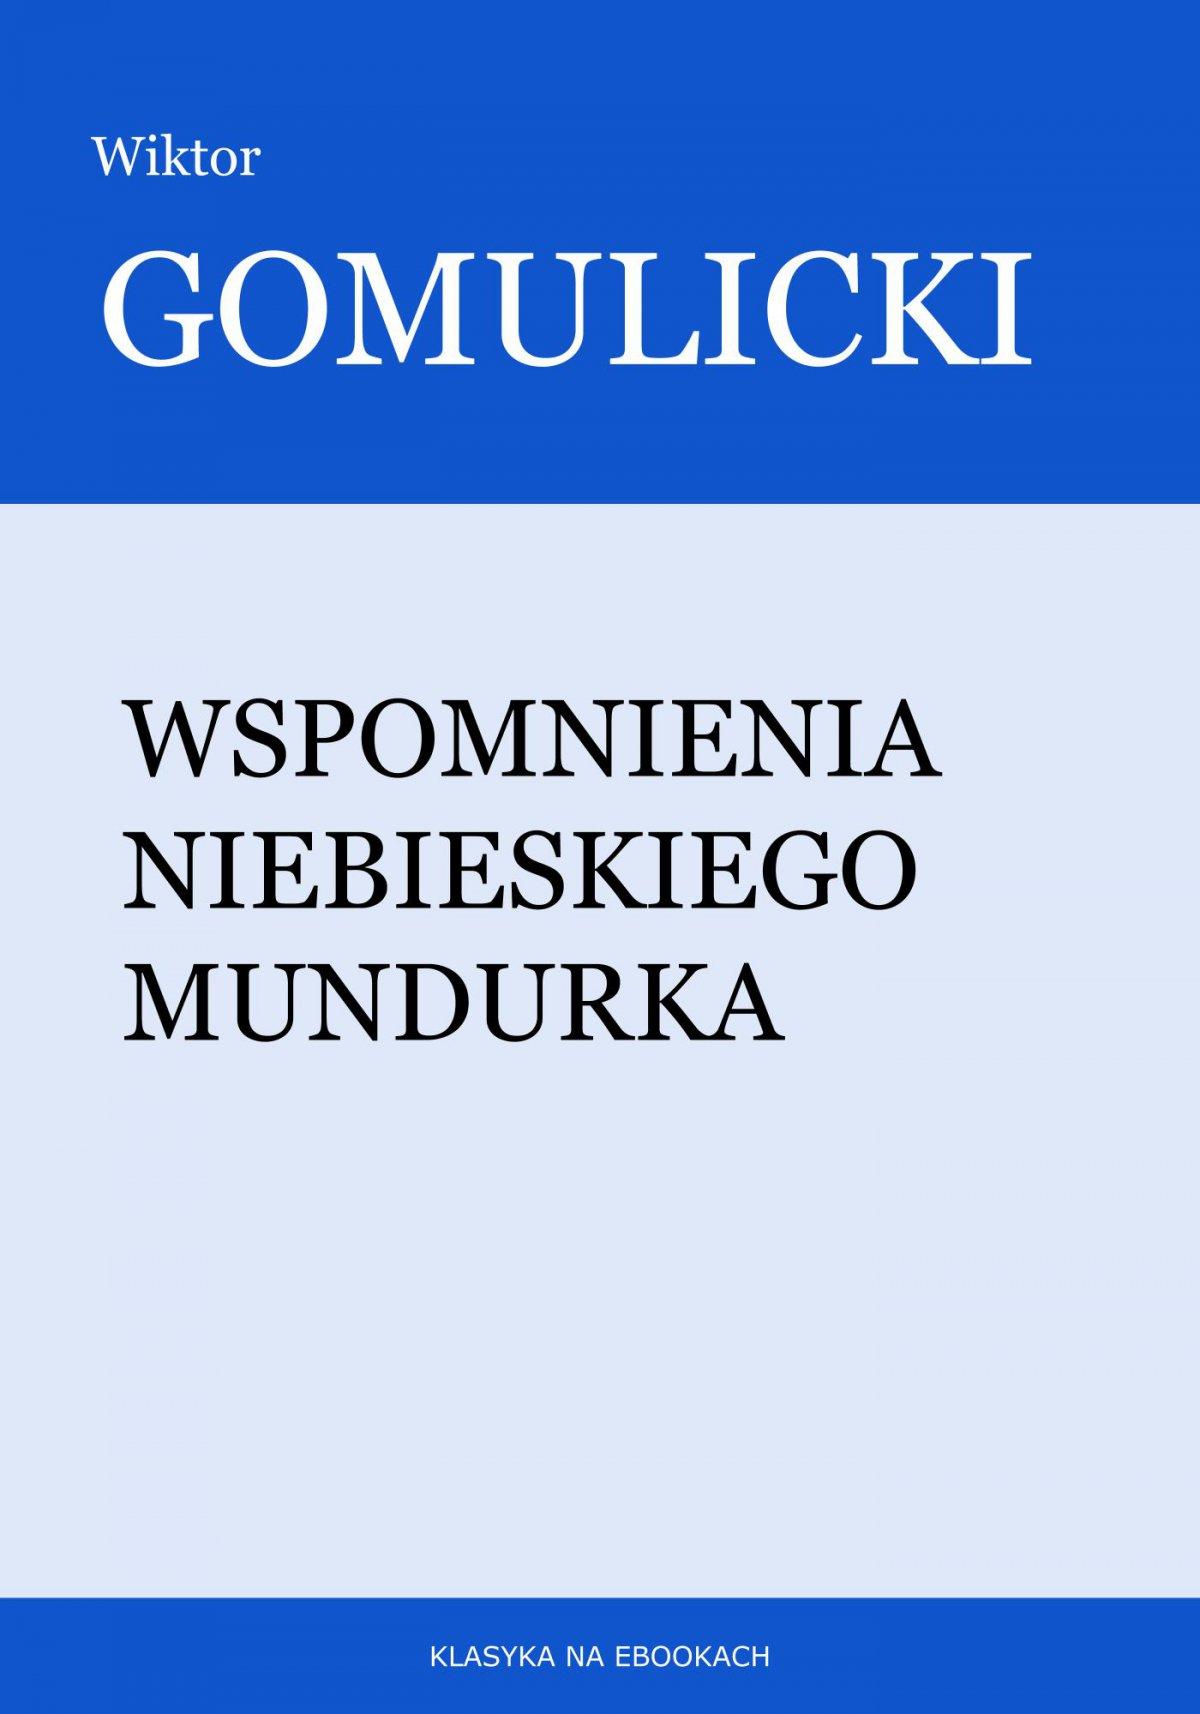 Wspomnienia niebieskiego mundurka - Ebook (Książka EPUB) do pobrania w formacie EPUB